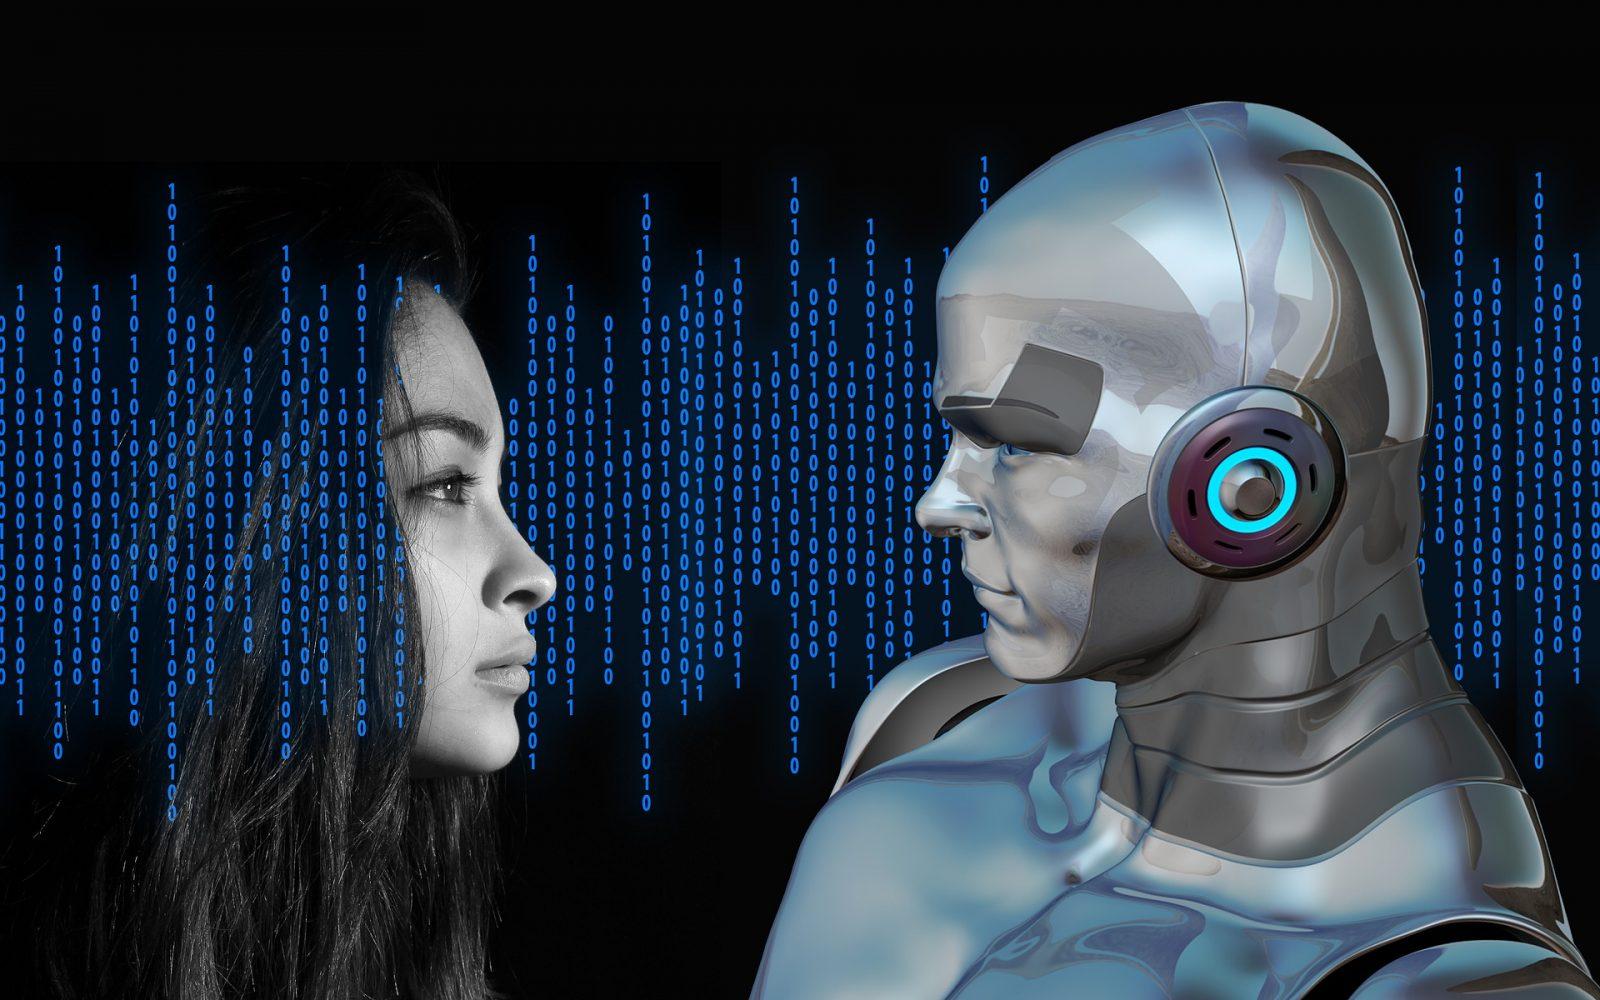 L'homme et la machine : les robots en pleine ascension ?